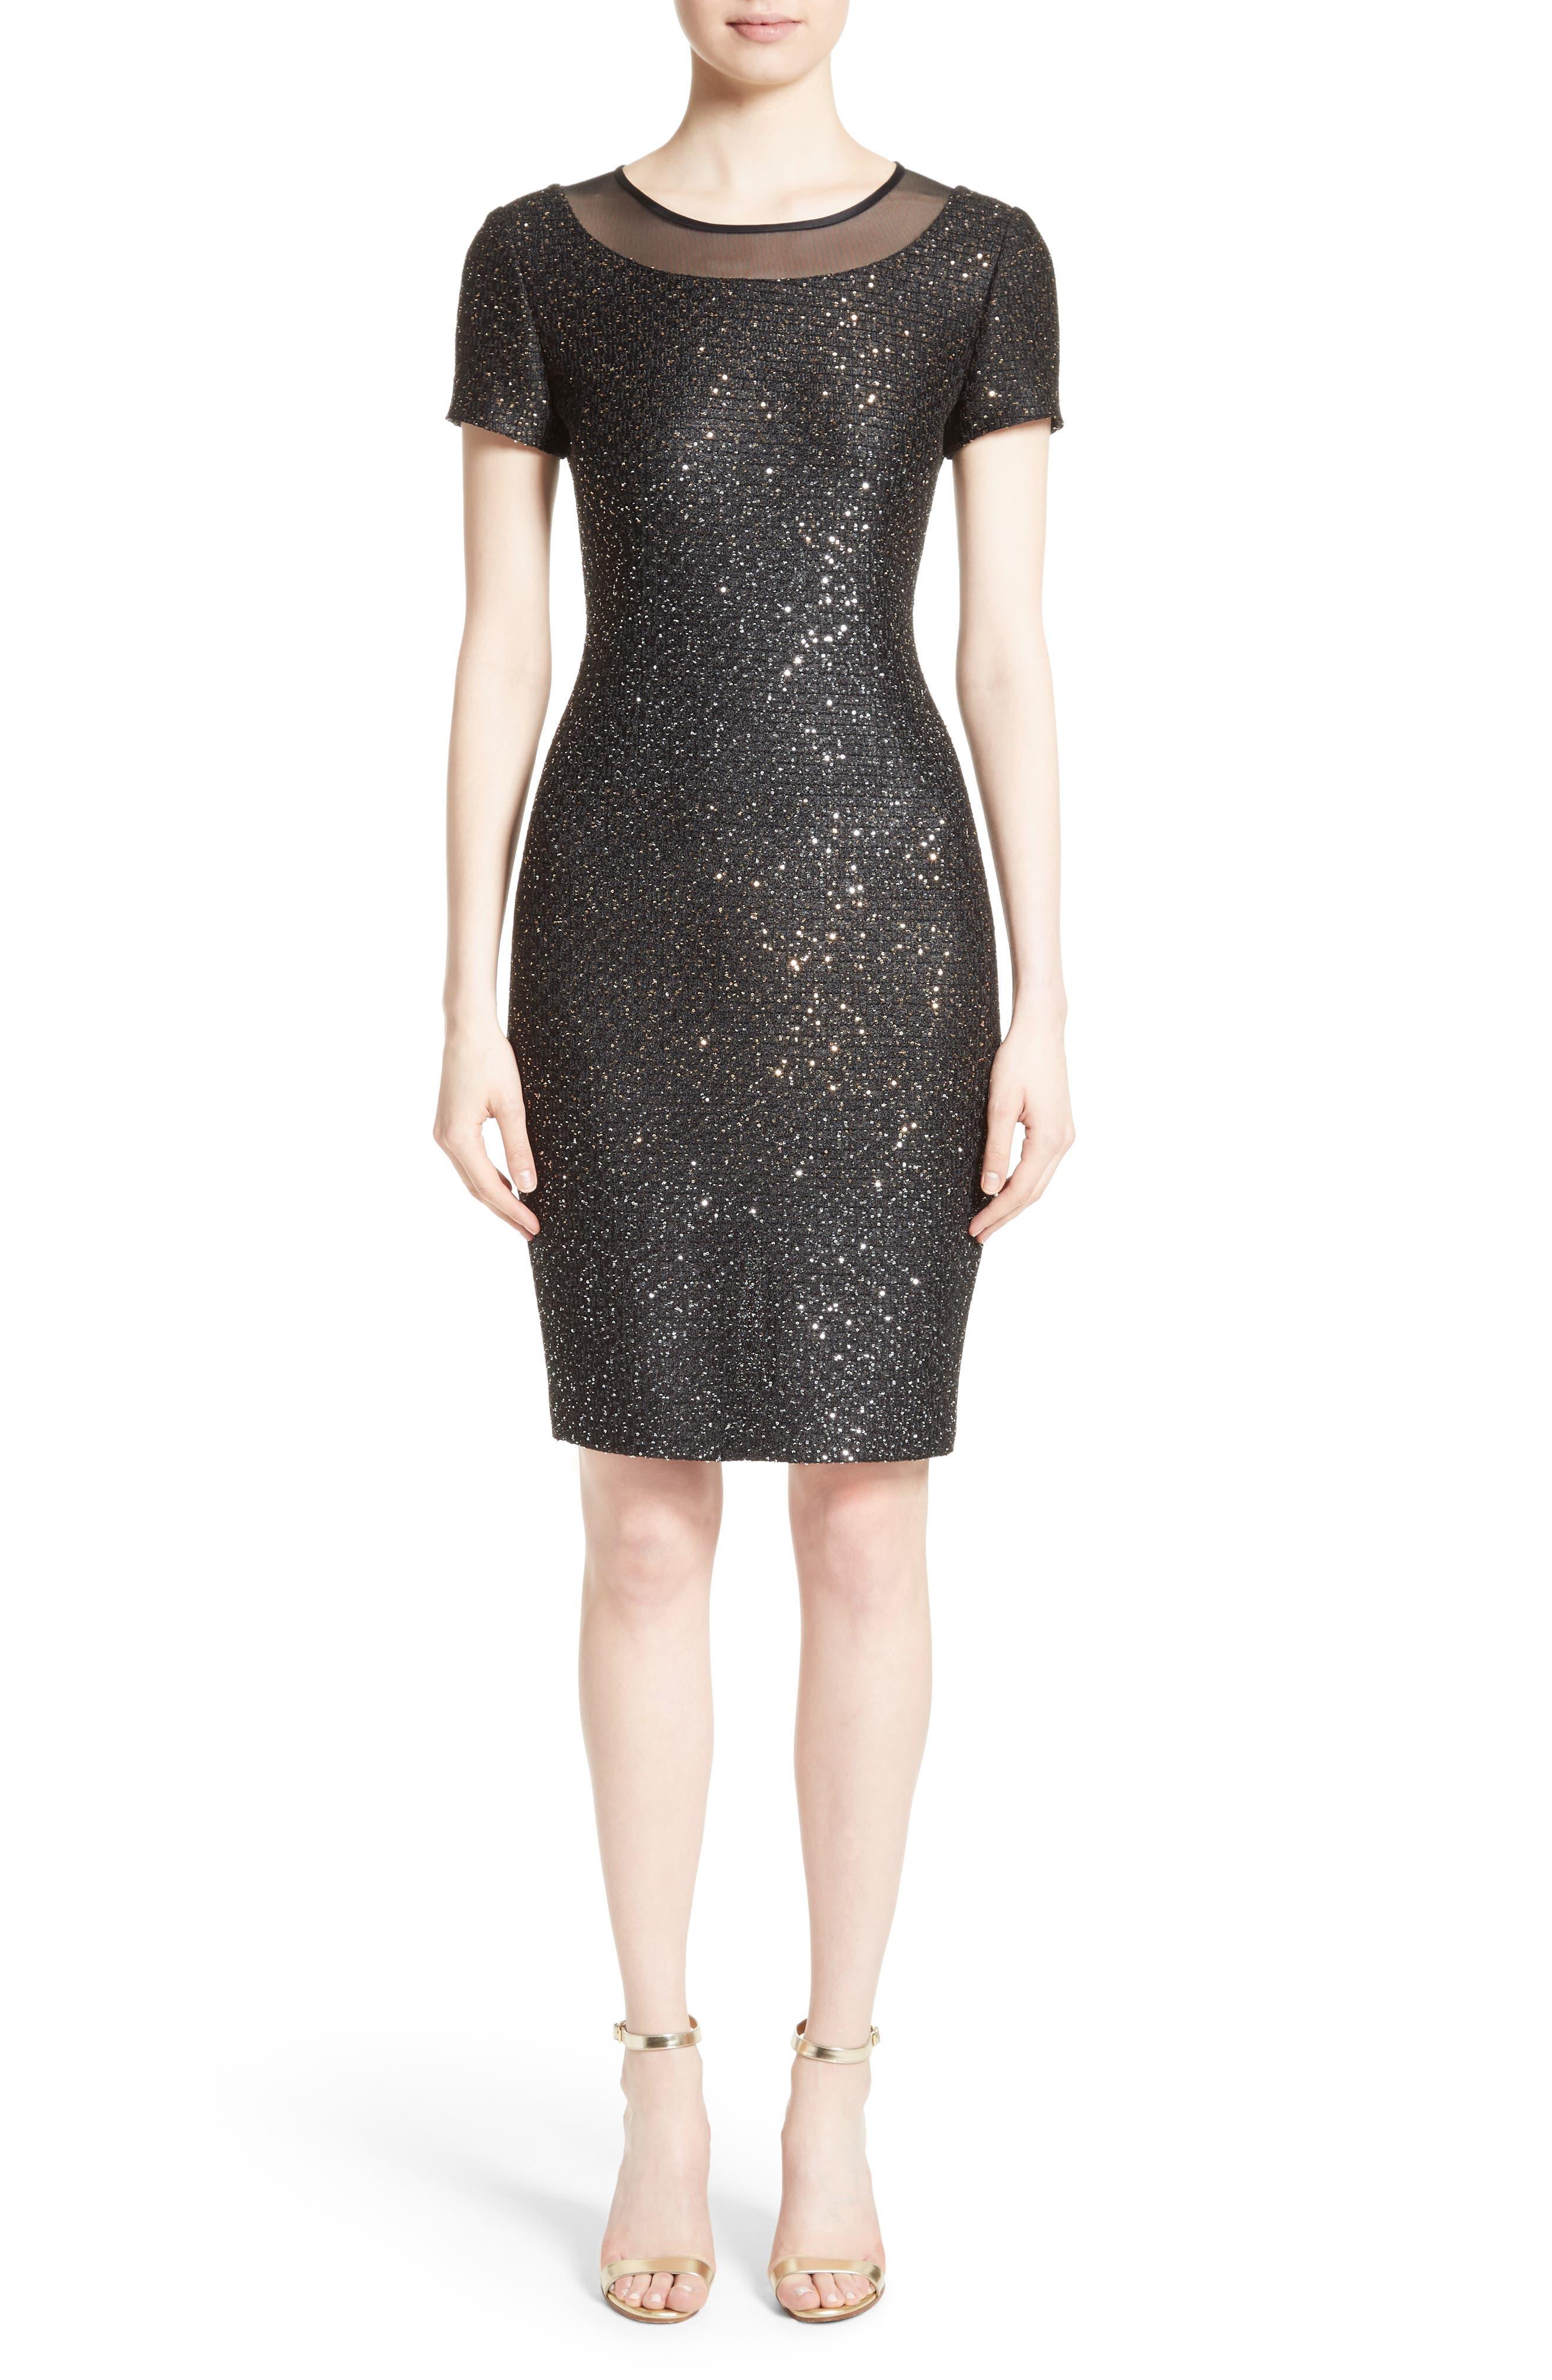 Pranay Sequin Knit Sheath Dress,                         Main,                         color, Caviar Multi